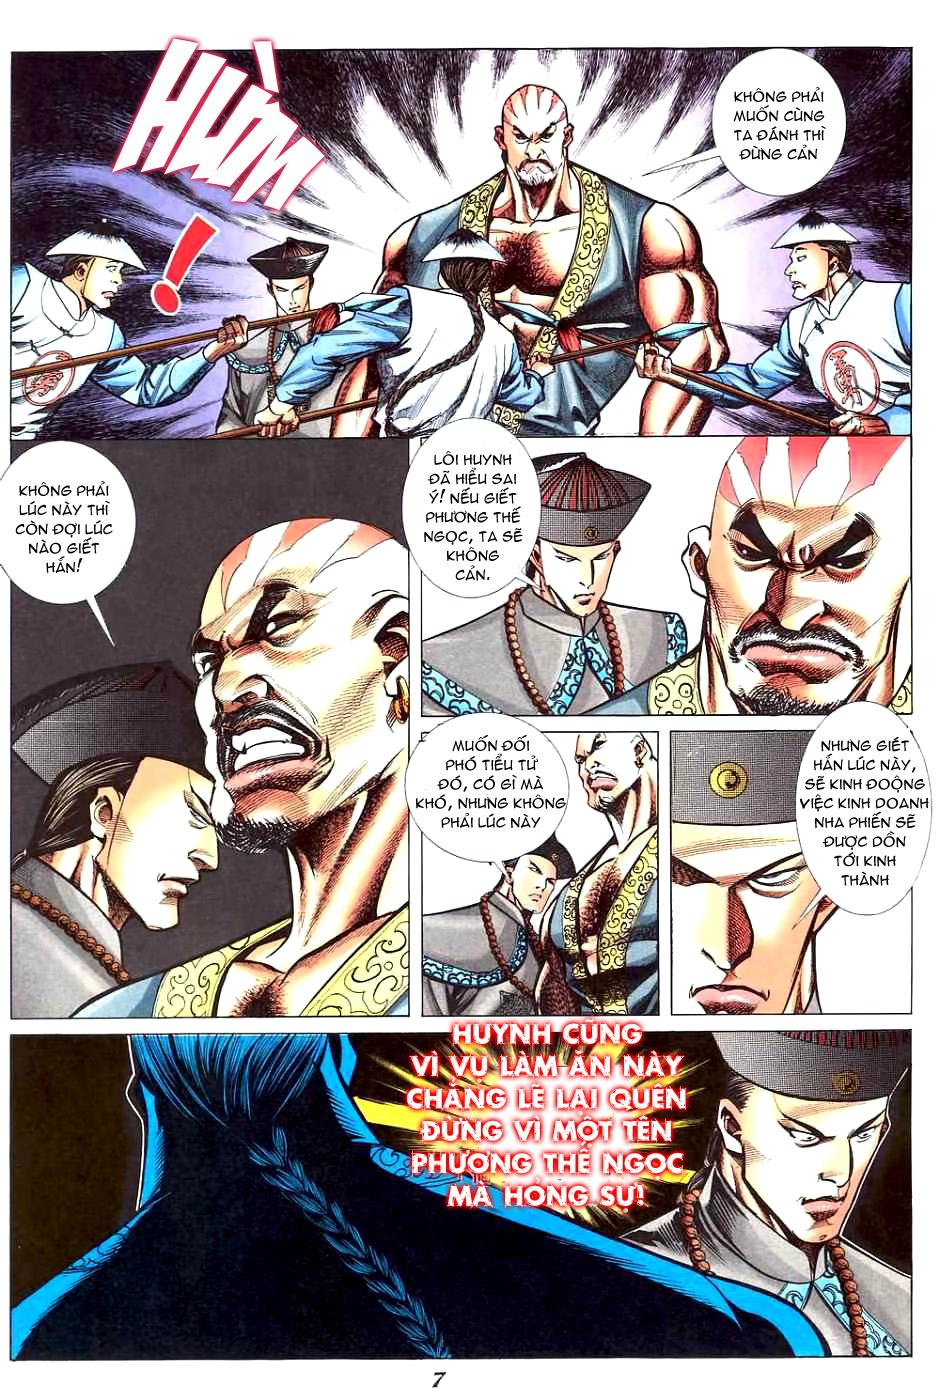 Phương Thế Ngọc Chap 5 - Next Chap 6